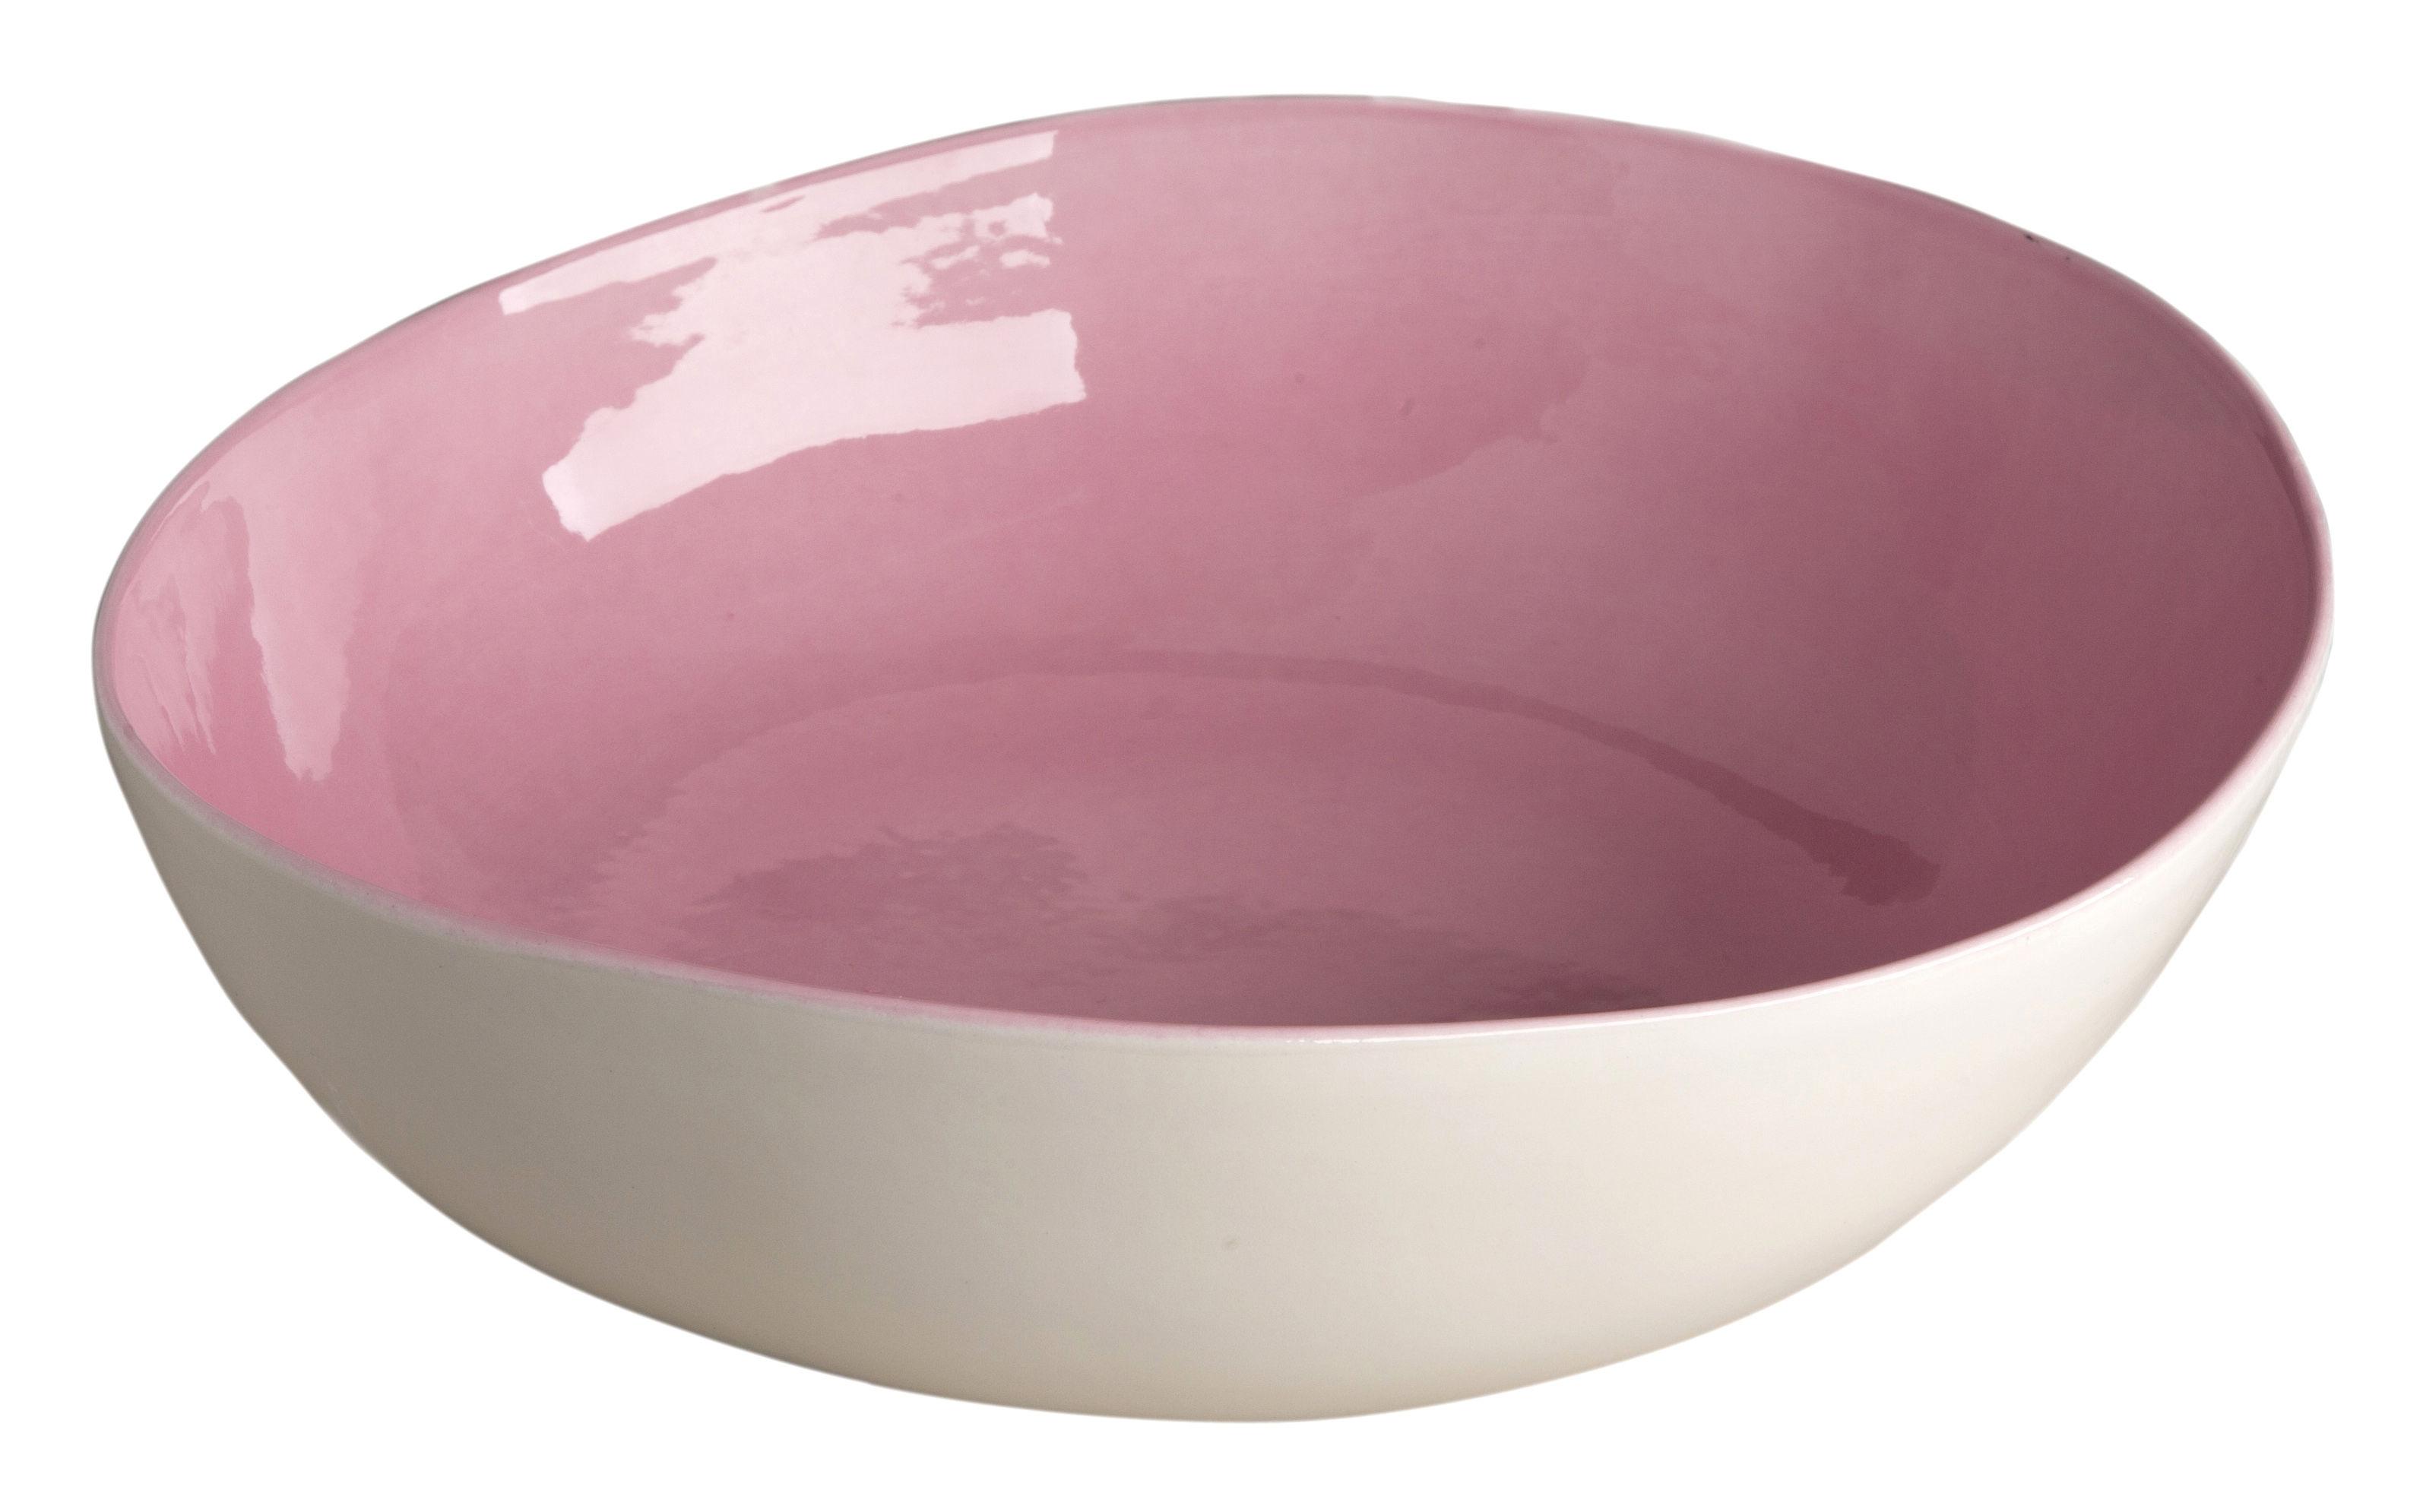 Arts de la table - Saladiers, coupes et bols - Saladier Bazelaire / Ø 28cm - Fait main - Sentou Edition - Rose - Faïence émaillée